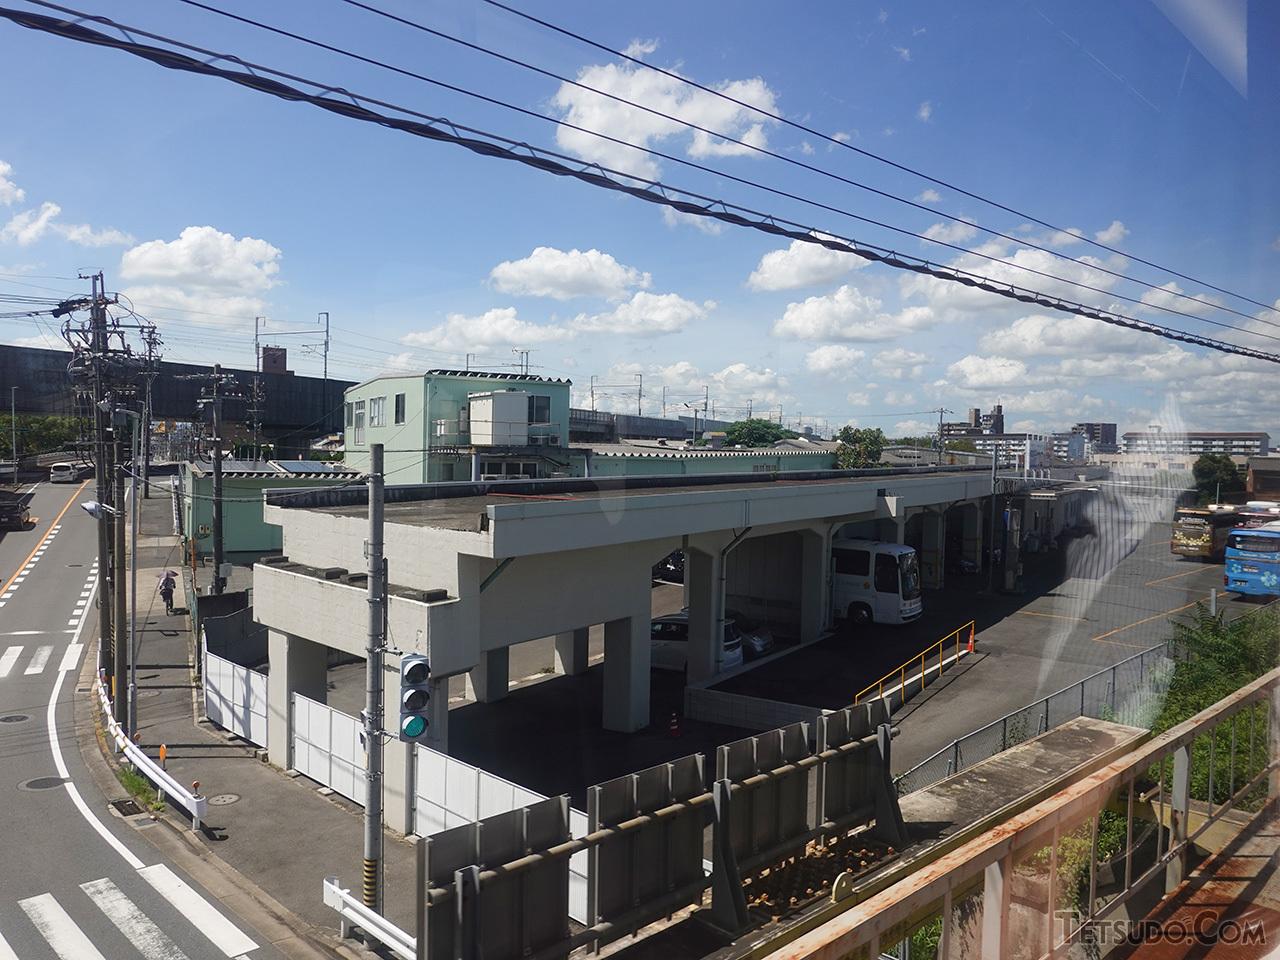 笠寺駅の北側で東海道本線から分岐する南方貨物線跡の高架線。現在のあおなみ線に接続して、名古屋貨物ターミナルにつながる予定でした